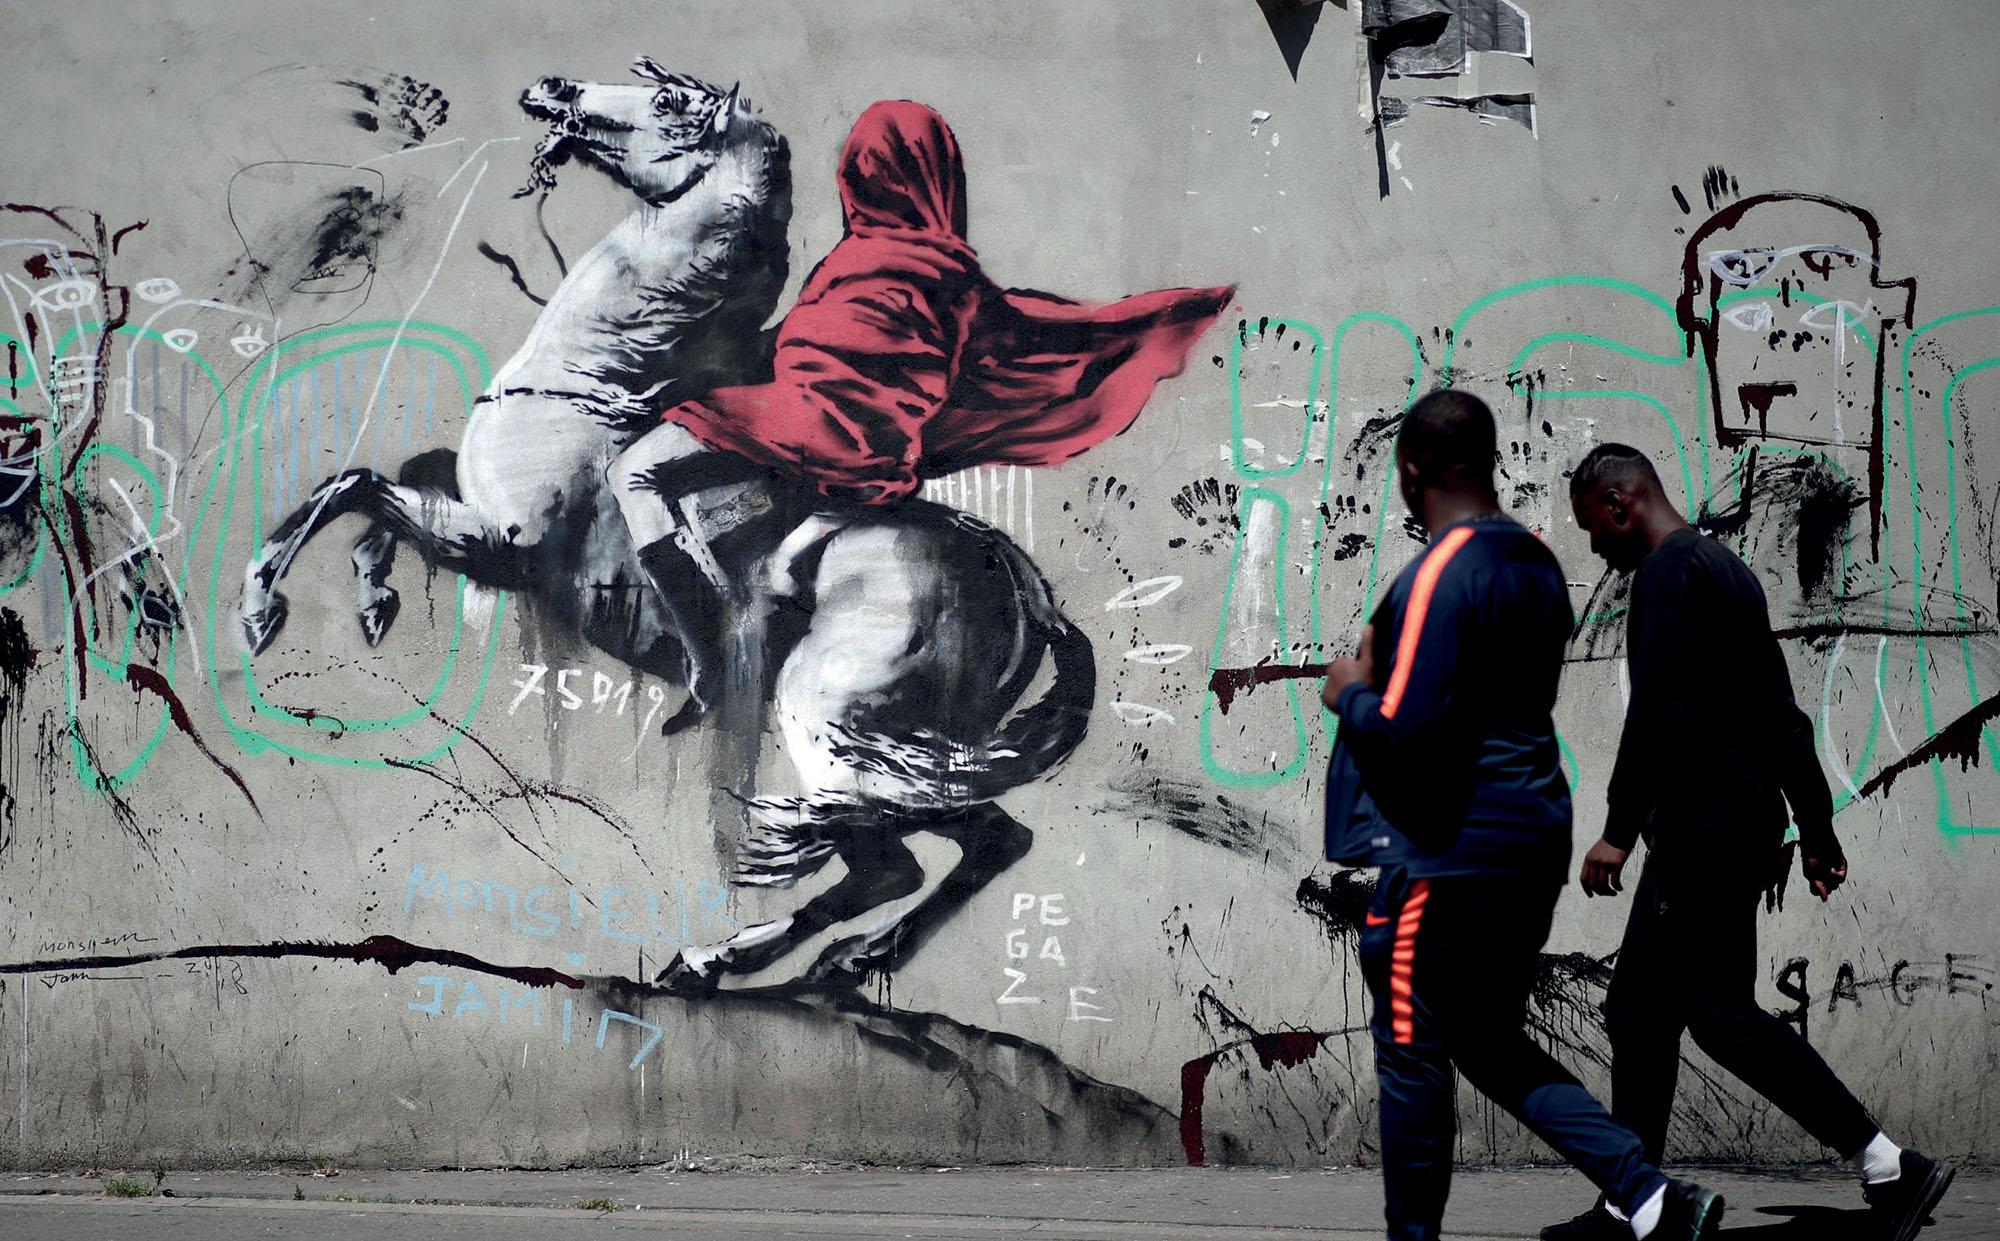 hội họa tác phẩm của họa sĩ đường phố Banksy